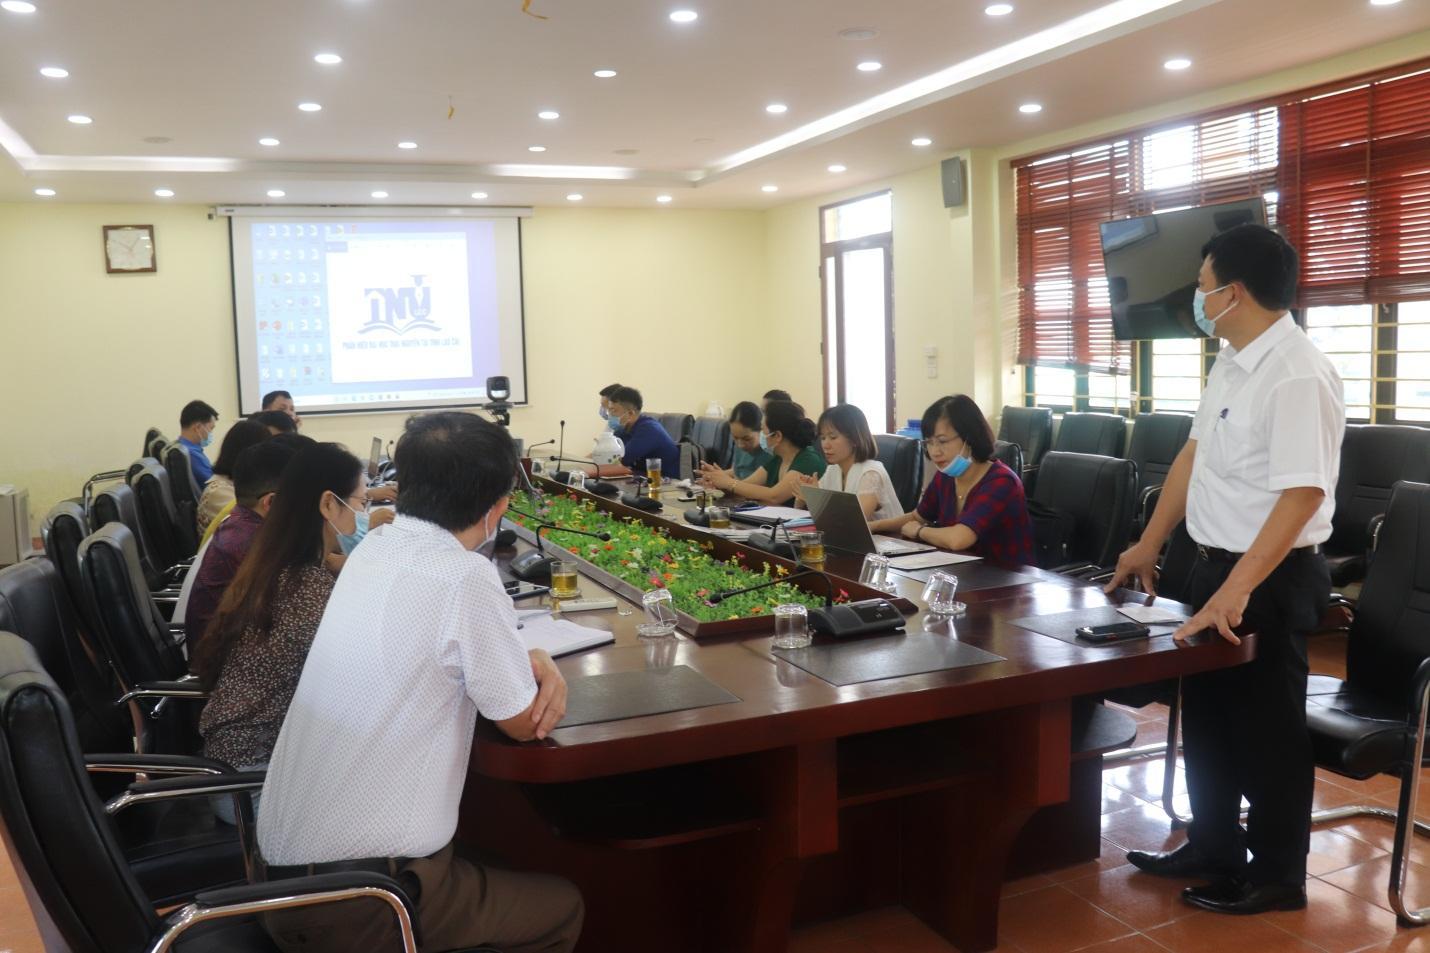 Tổng kết, trao giải Cuộc thi thiết kế logo, slogan  về Phân hiệu Đại học Thái Nguyên tại tỉnh Lào Cai